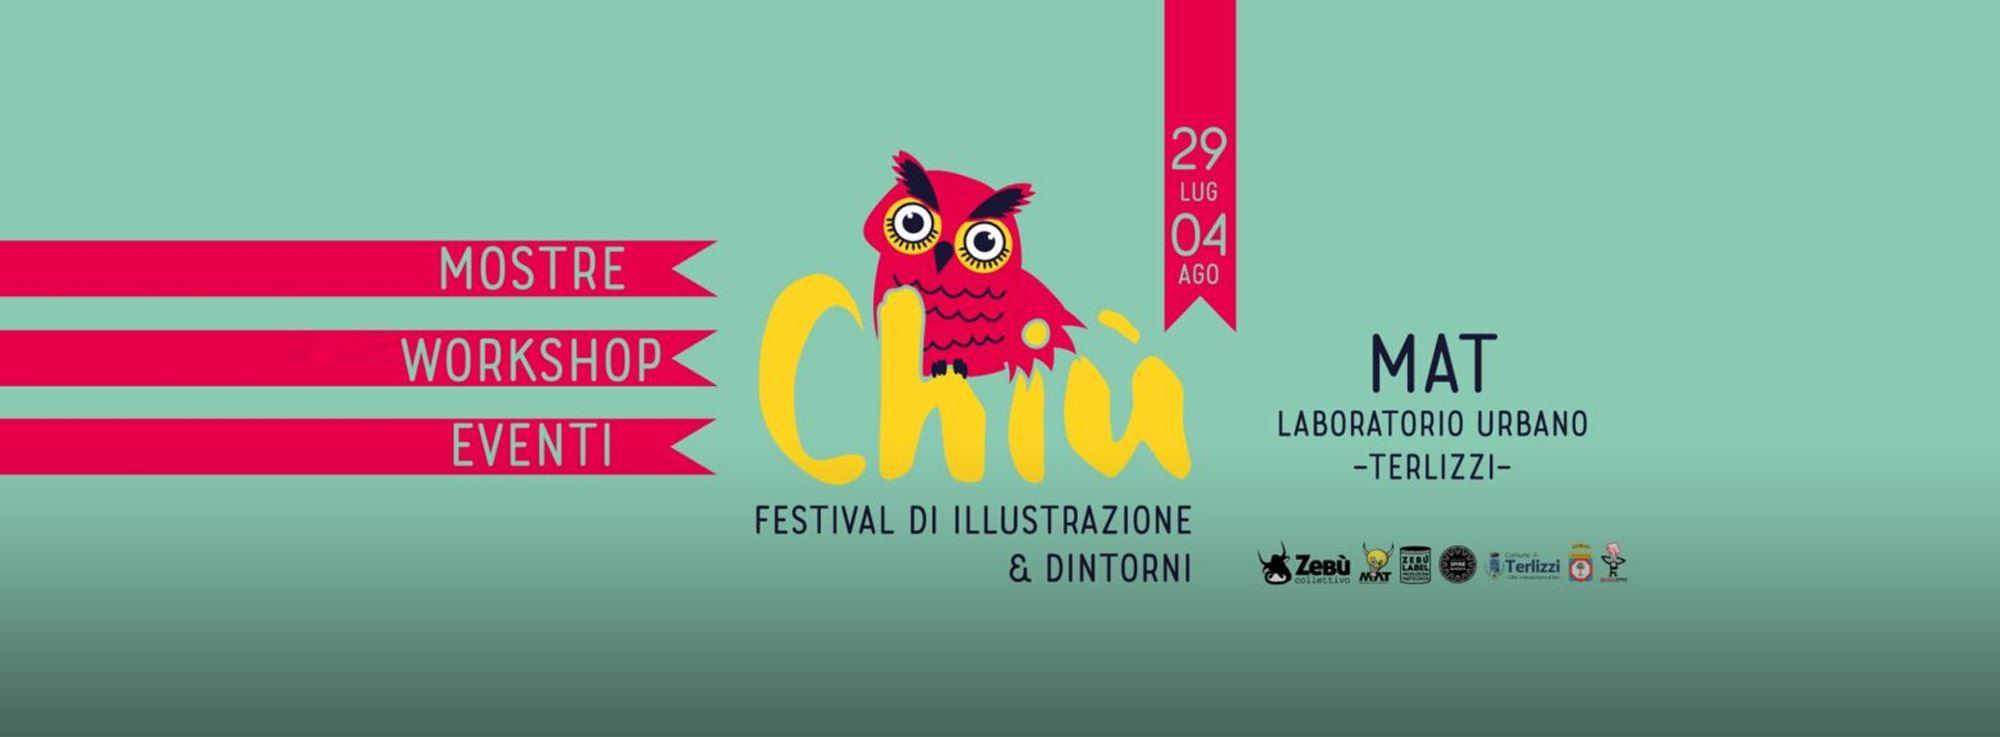 Terlizzi: Chiù, il festival di illustrazione e dintorni